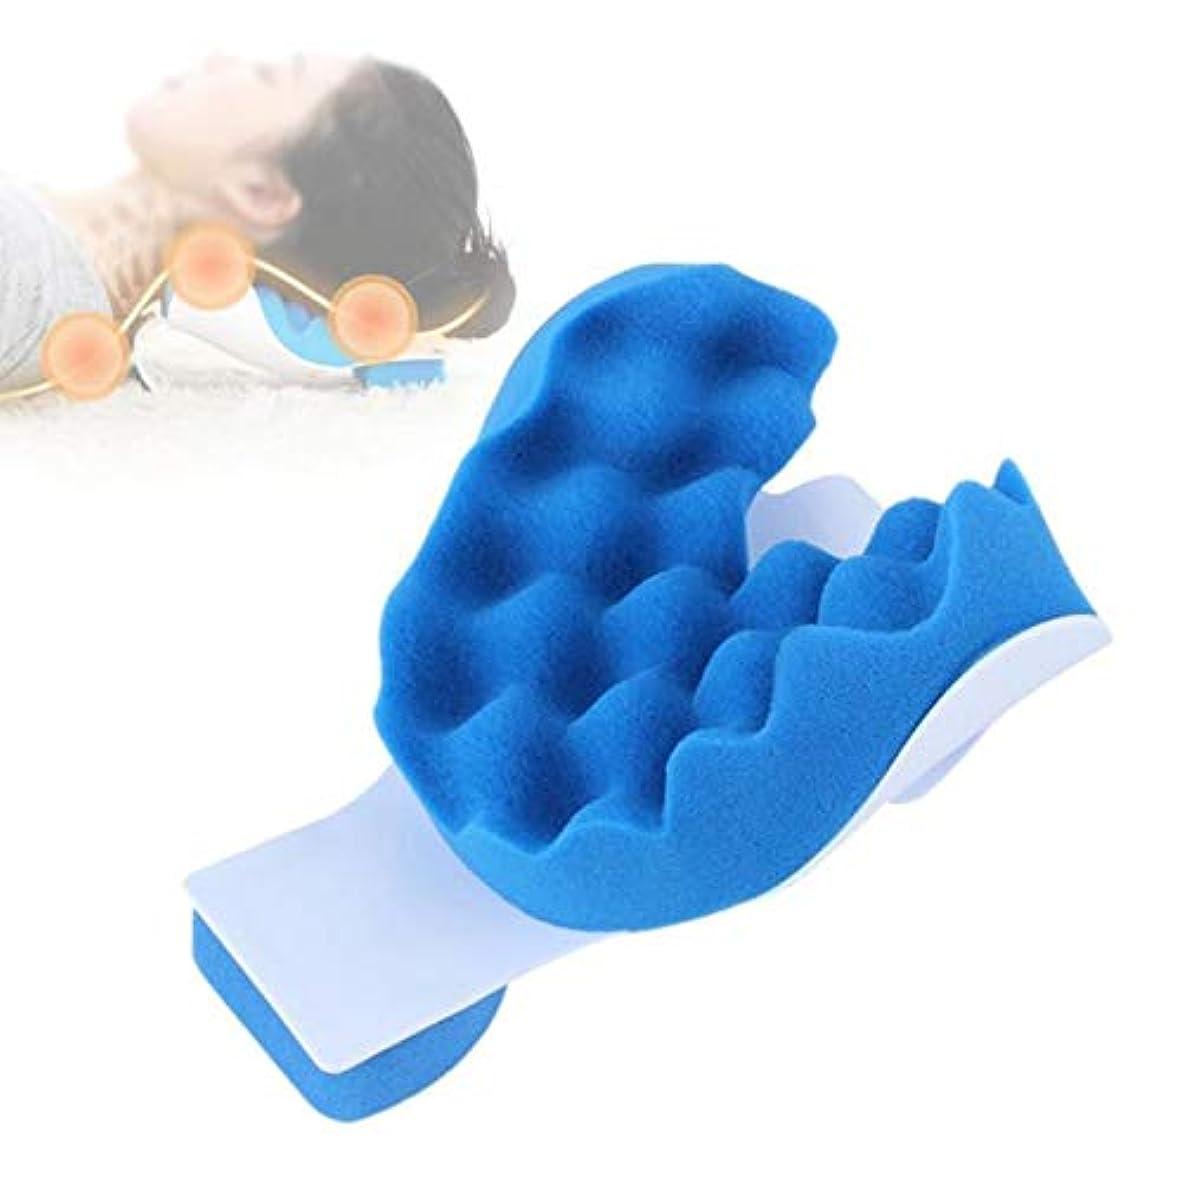 予防接種するどのくらいの頻度で連続的ixaer 首と肩マッサージ枕 首枕 クッション マッサージまくら 首 肩こり 解消 疲労と痛みの軽減 マッサージ牽引枕 男女兼用